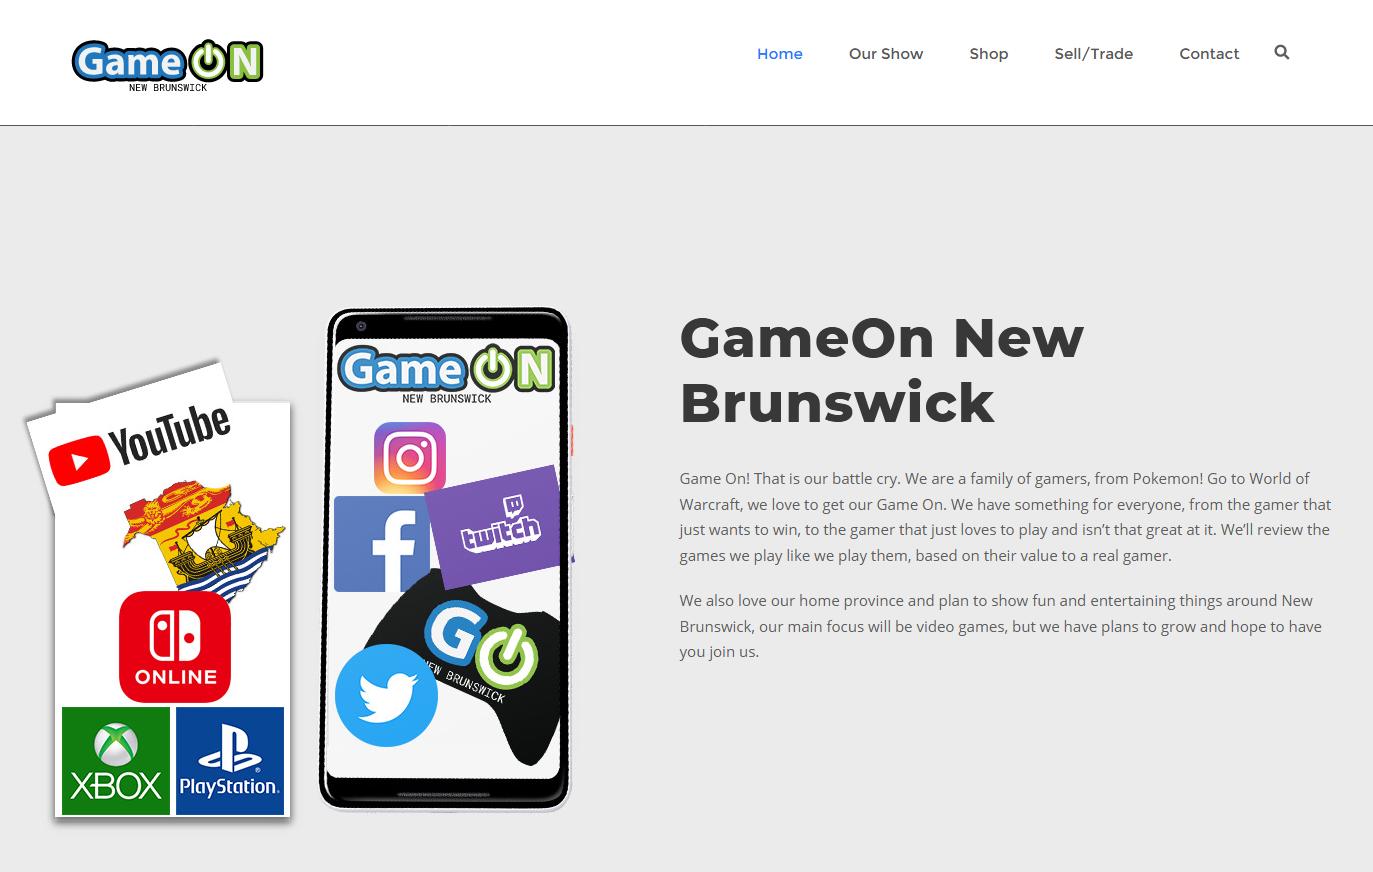 GameOn New Brunswick